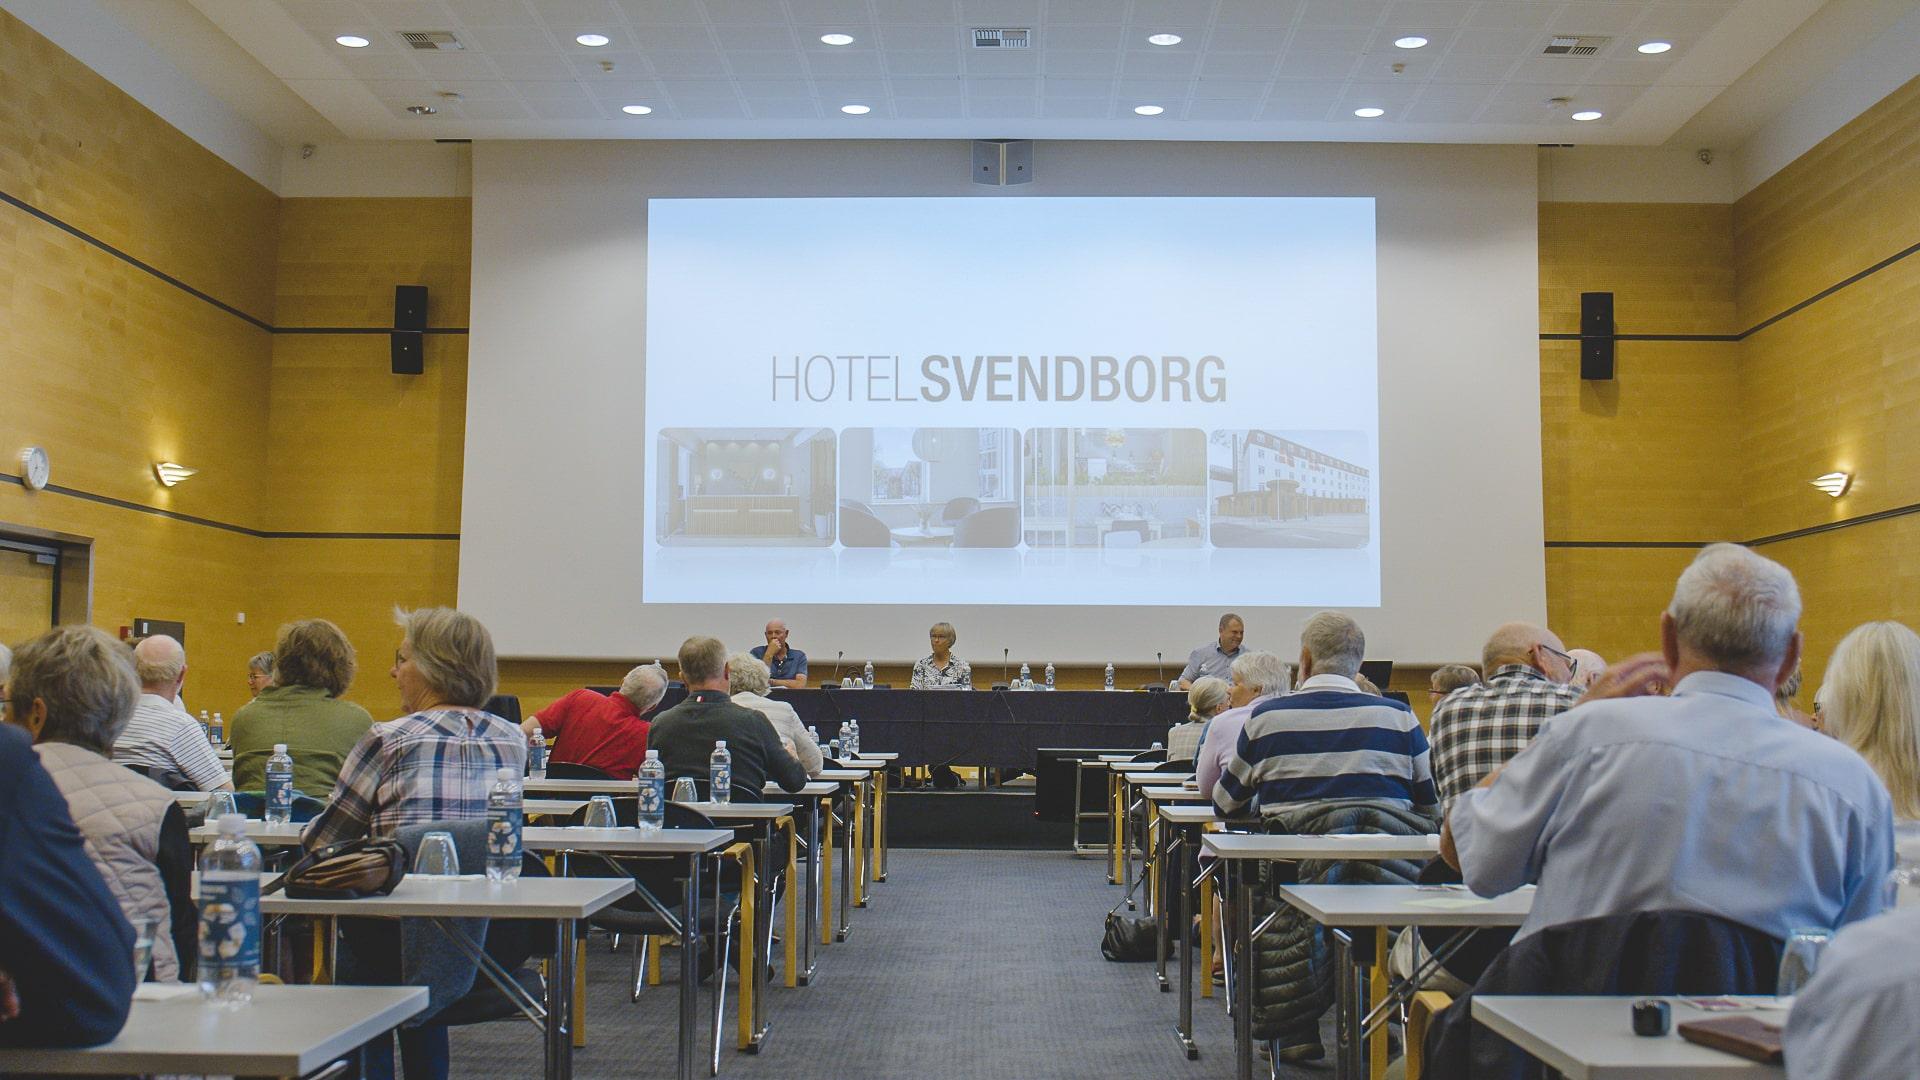 Konference på Hotel Svendborg